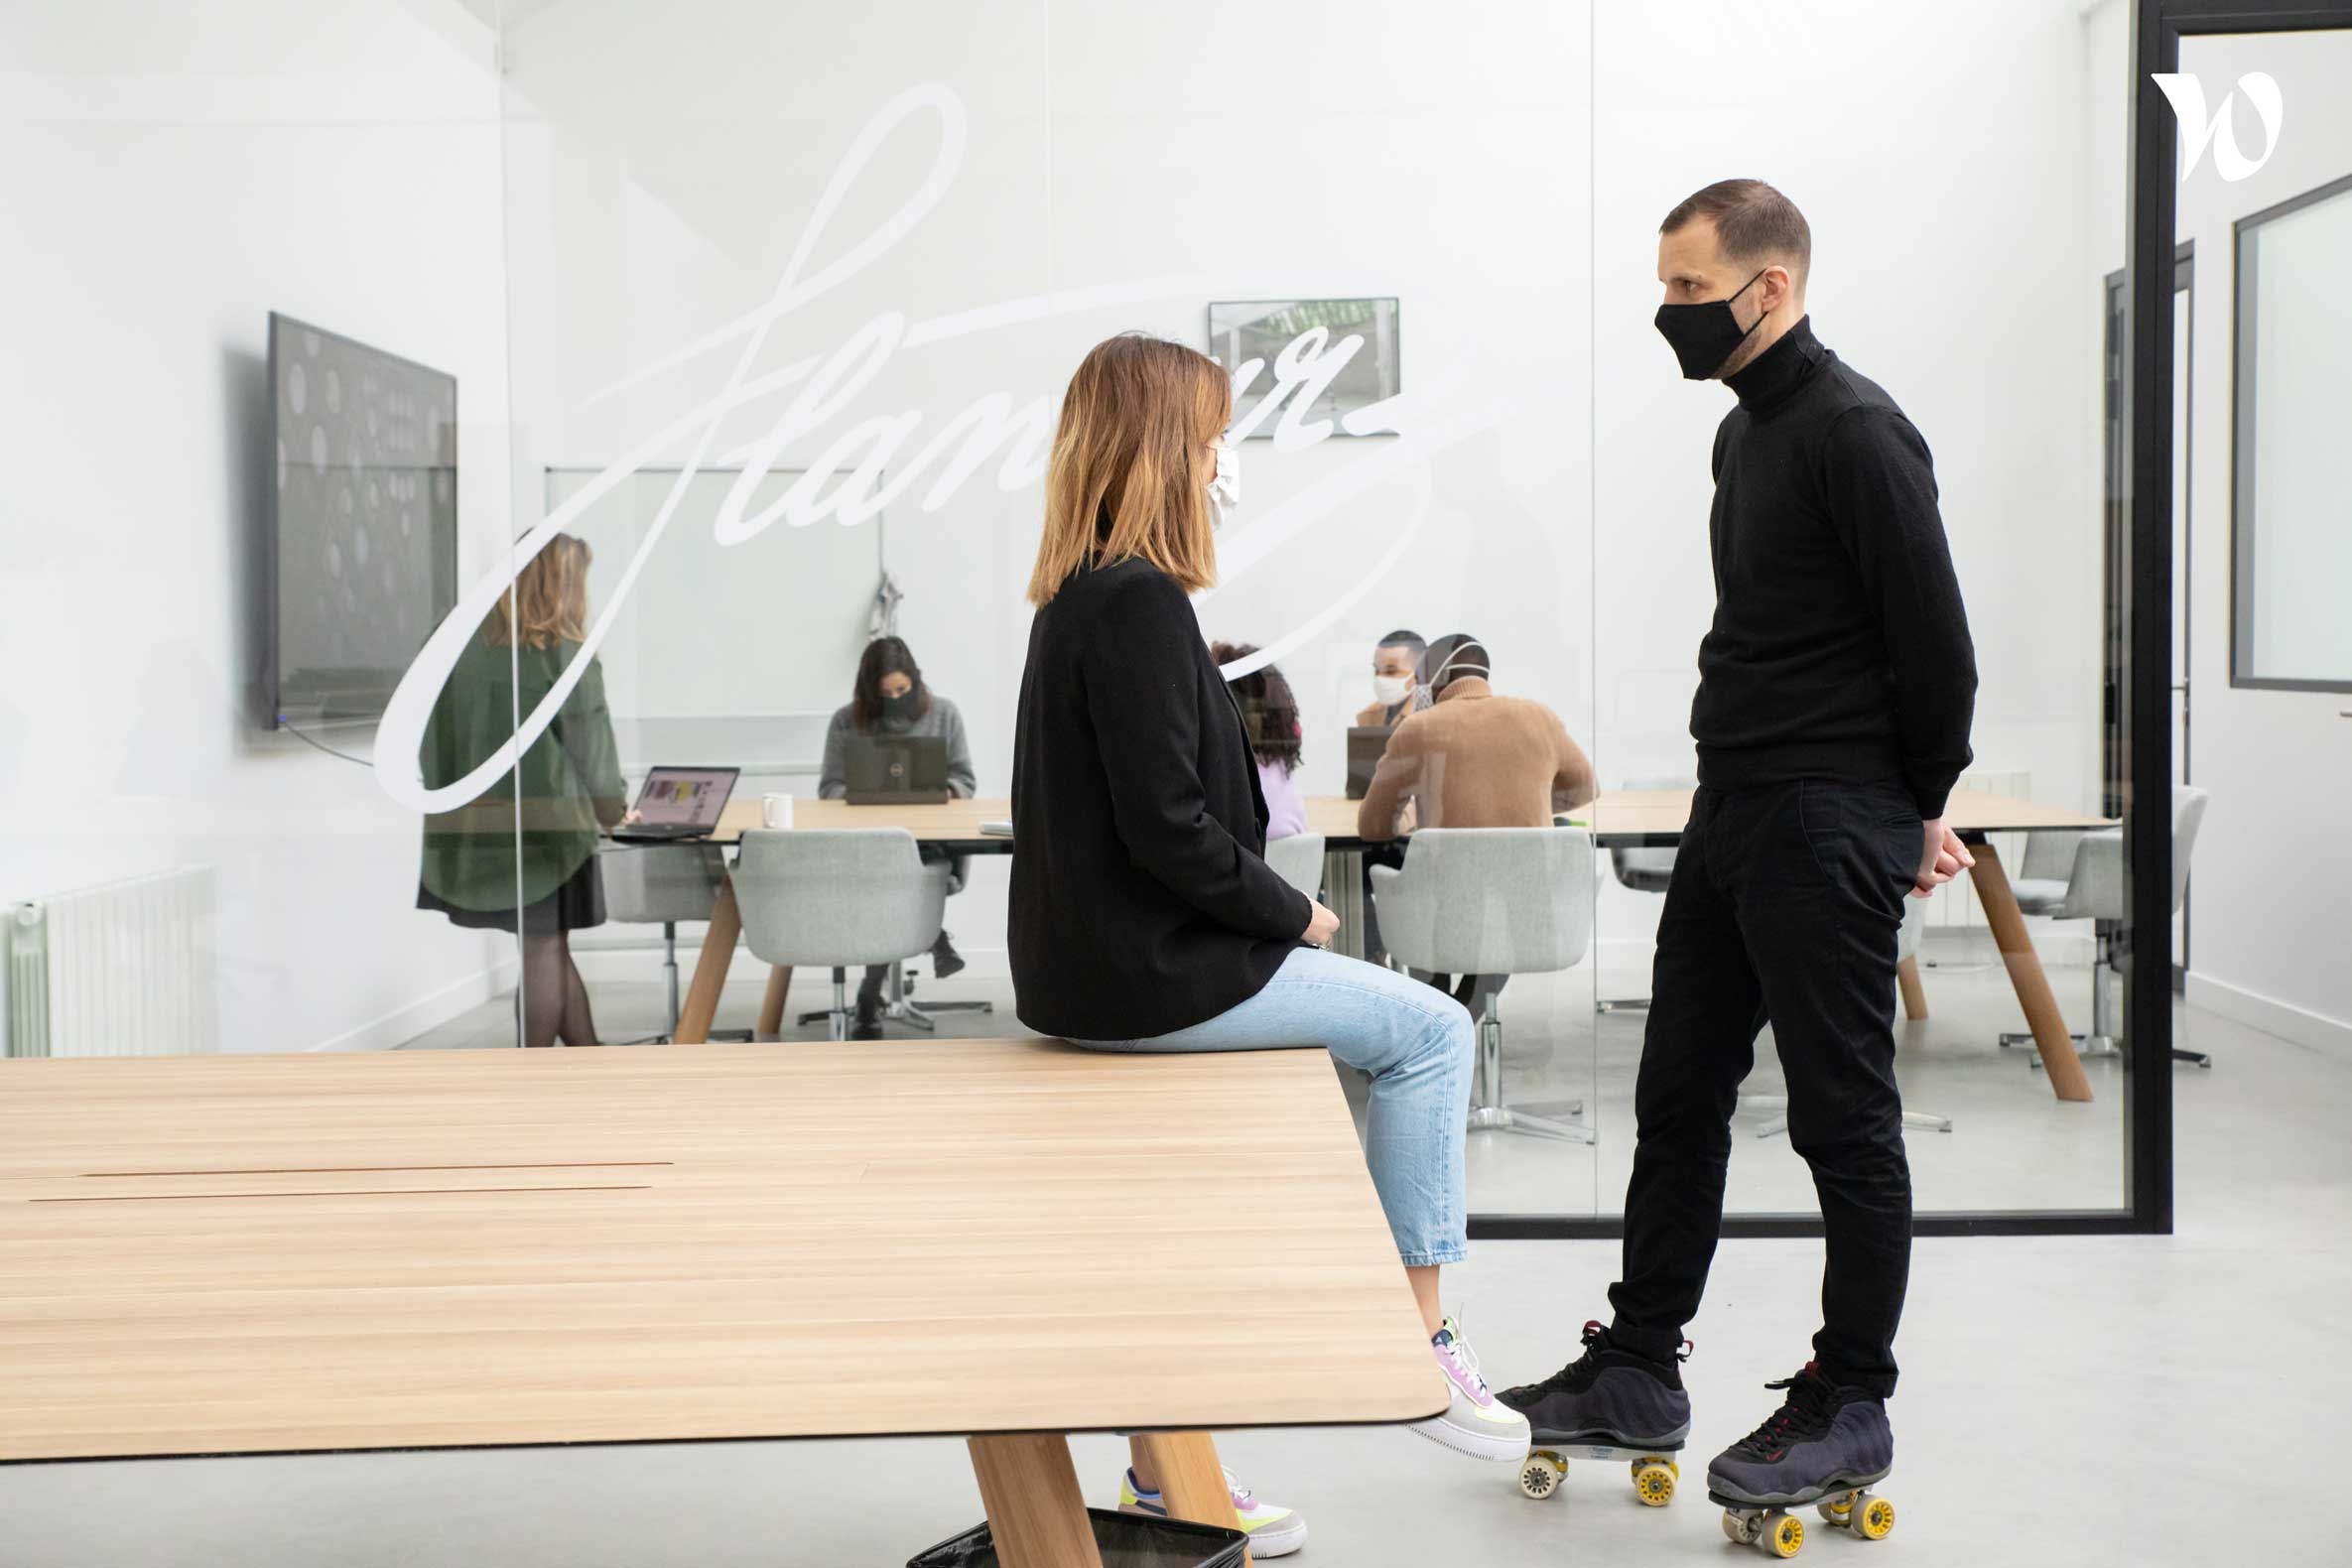 L'art de slide dans Paris avec Flaneurz